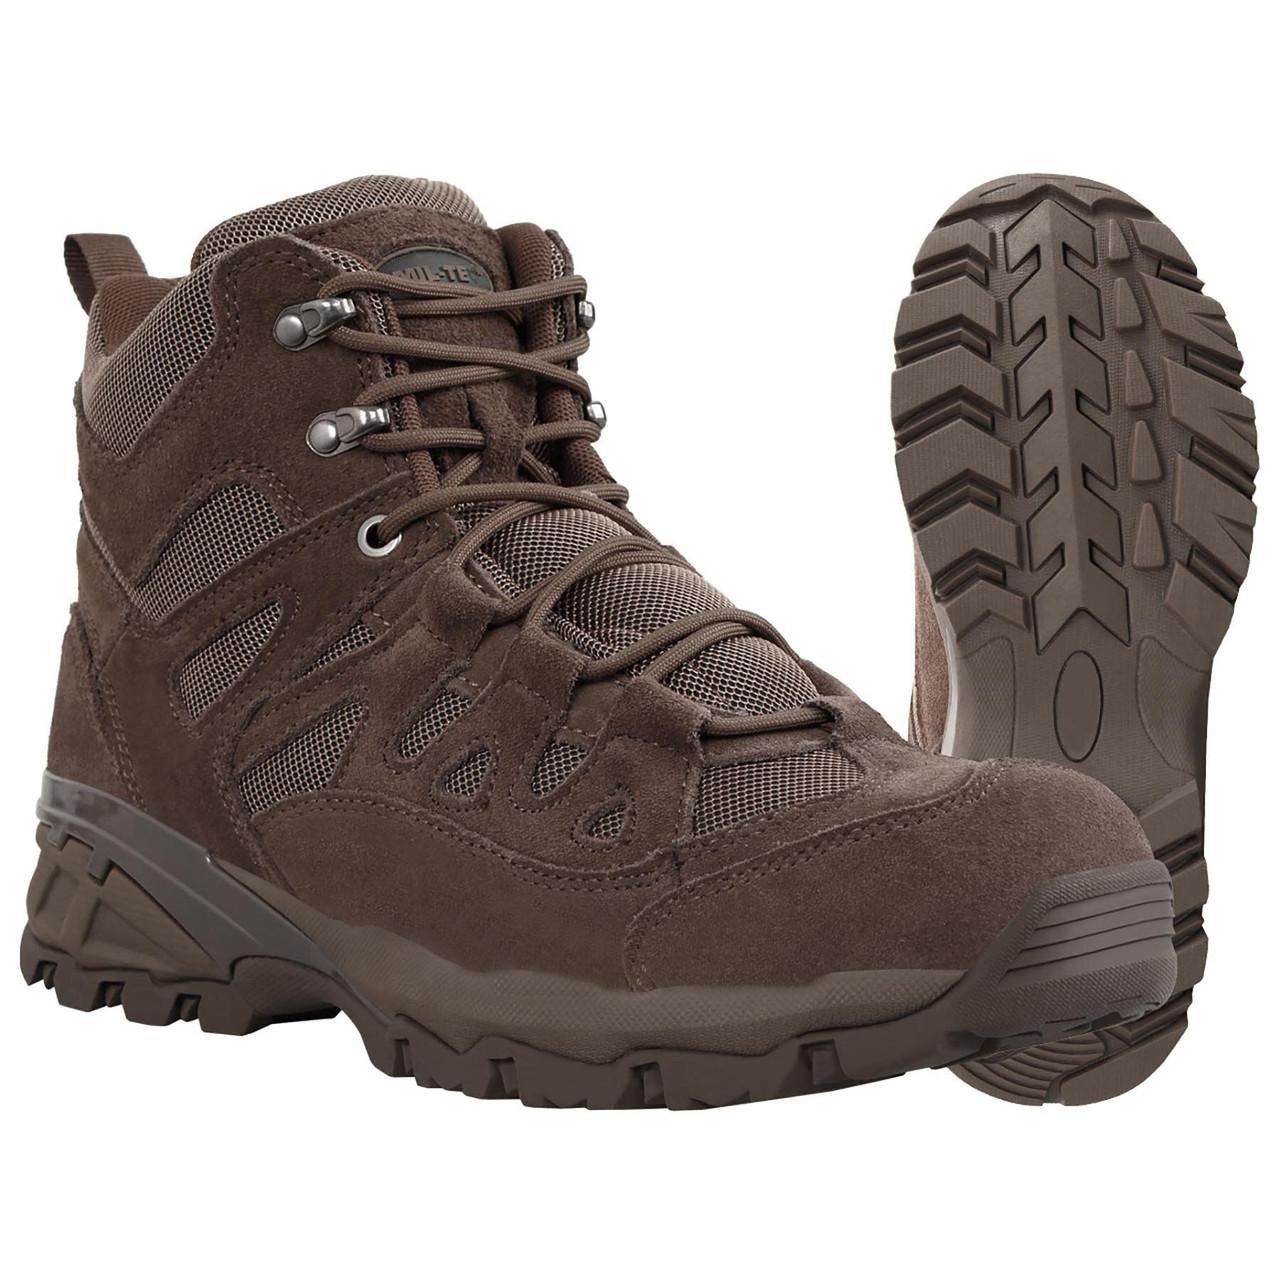 Ботинки тактические коричневые Милтек